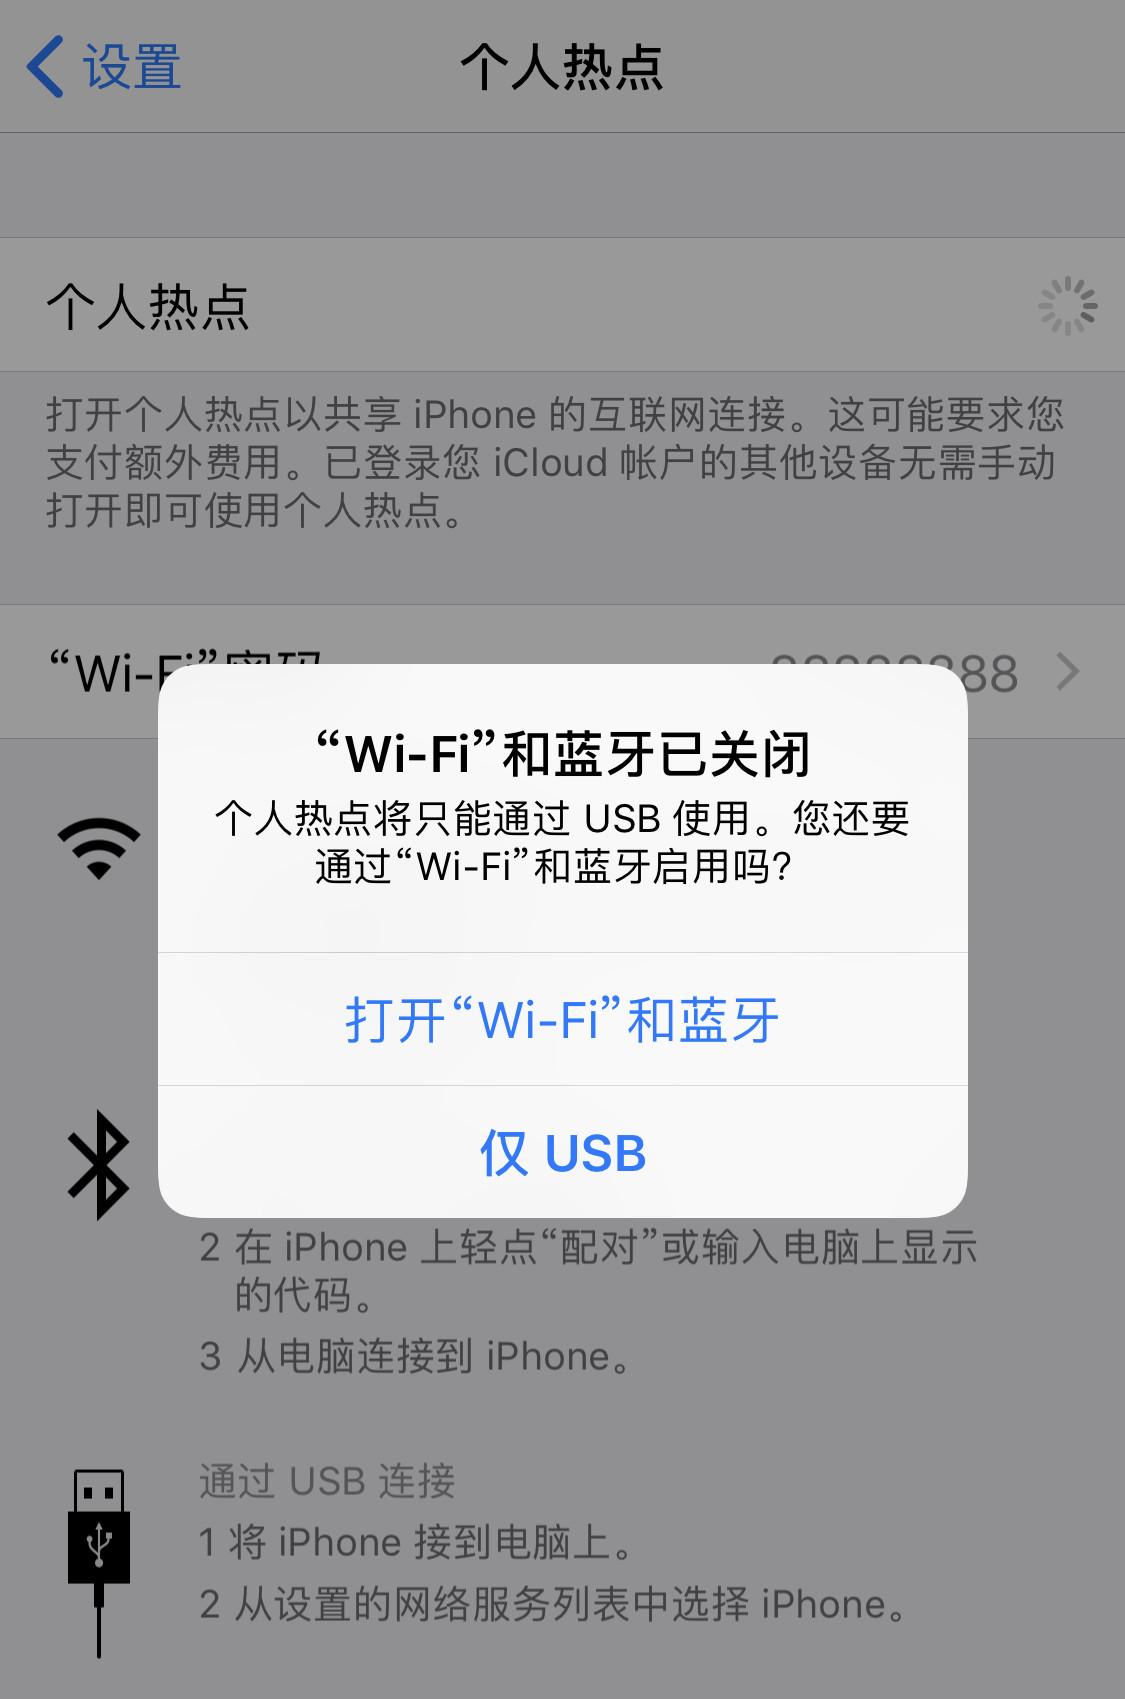 iPhone 如何通过 USB 共享网络给台式电脑?